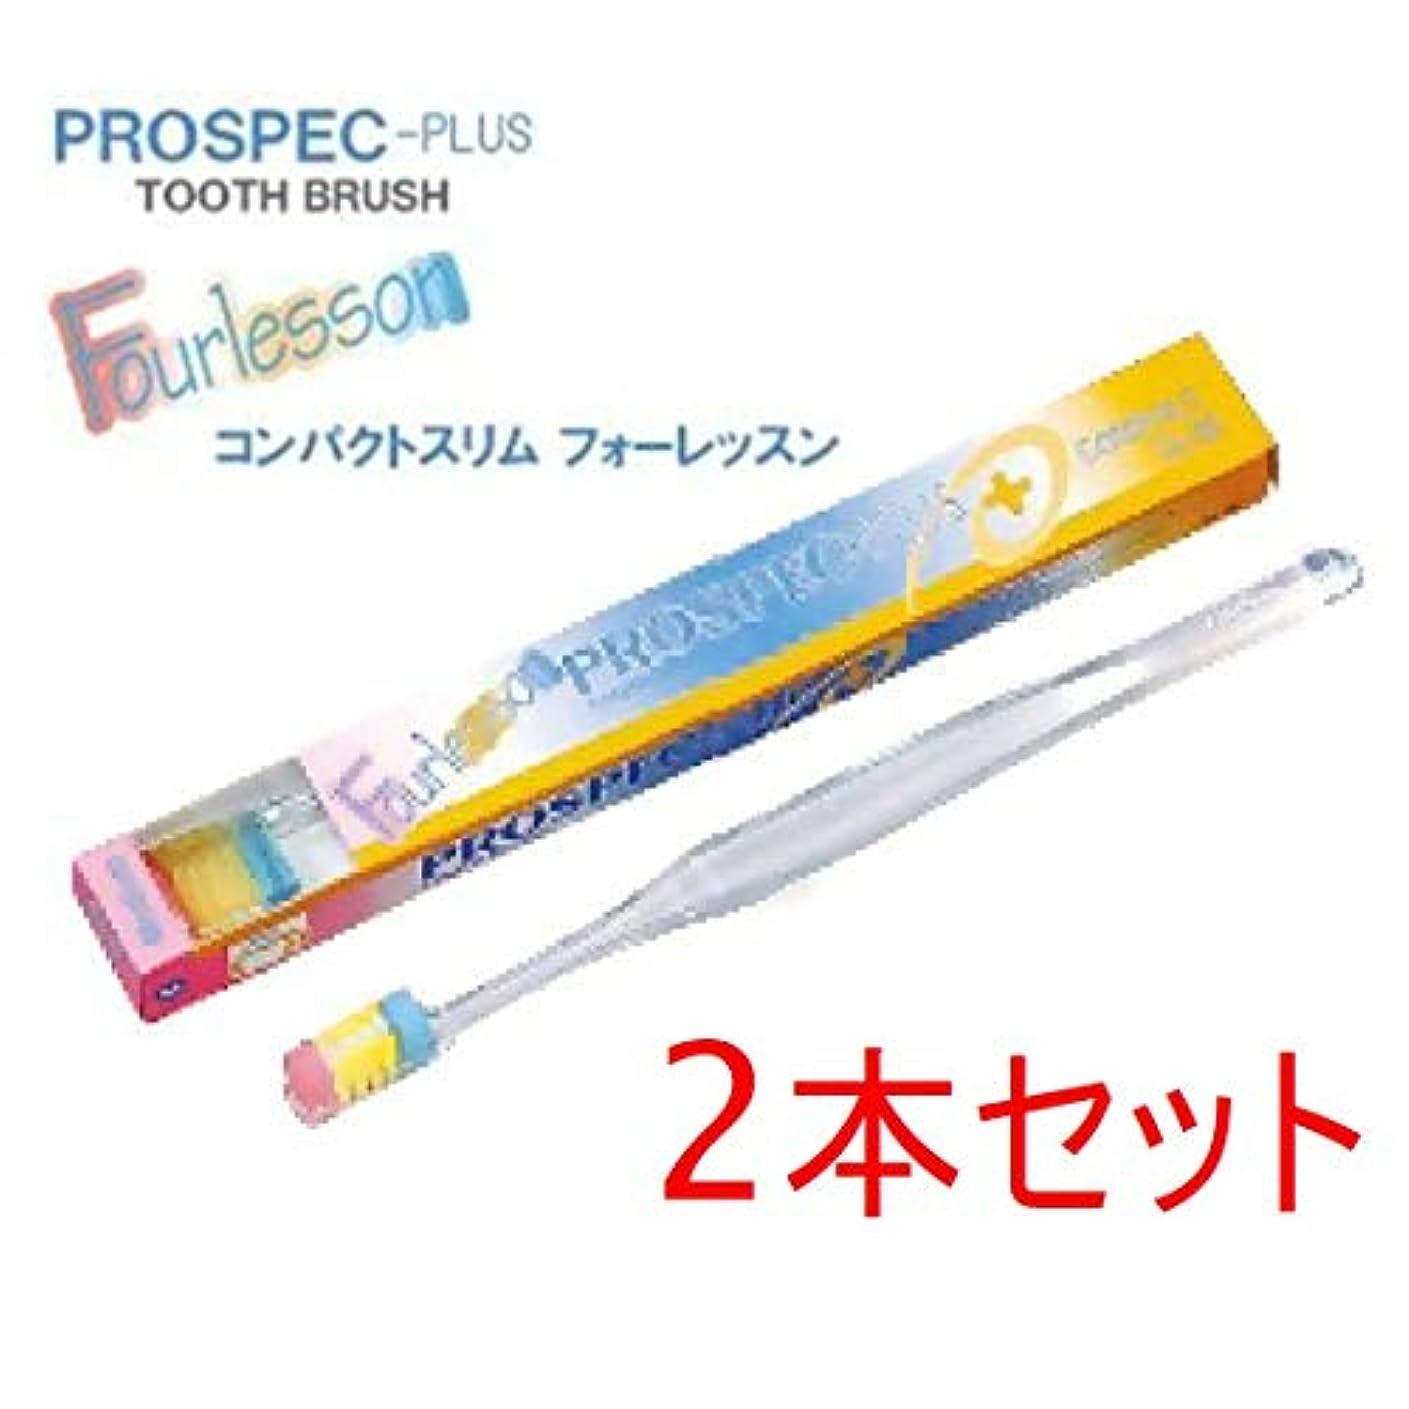 しかしブランデー不確実プロスペック 歯ブラシ コンパクトスリム 2本 フォーレッスン 毛の硬さ ふつう